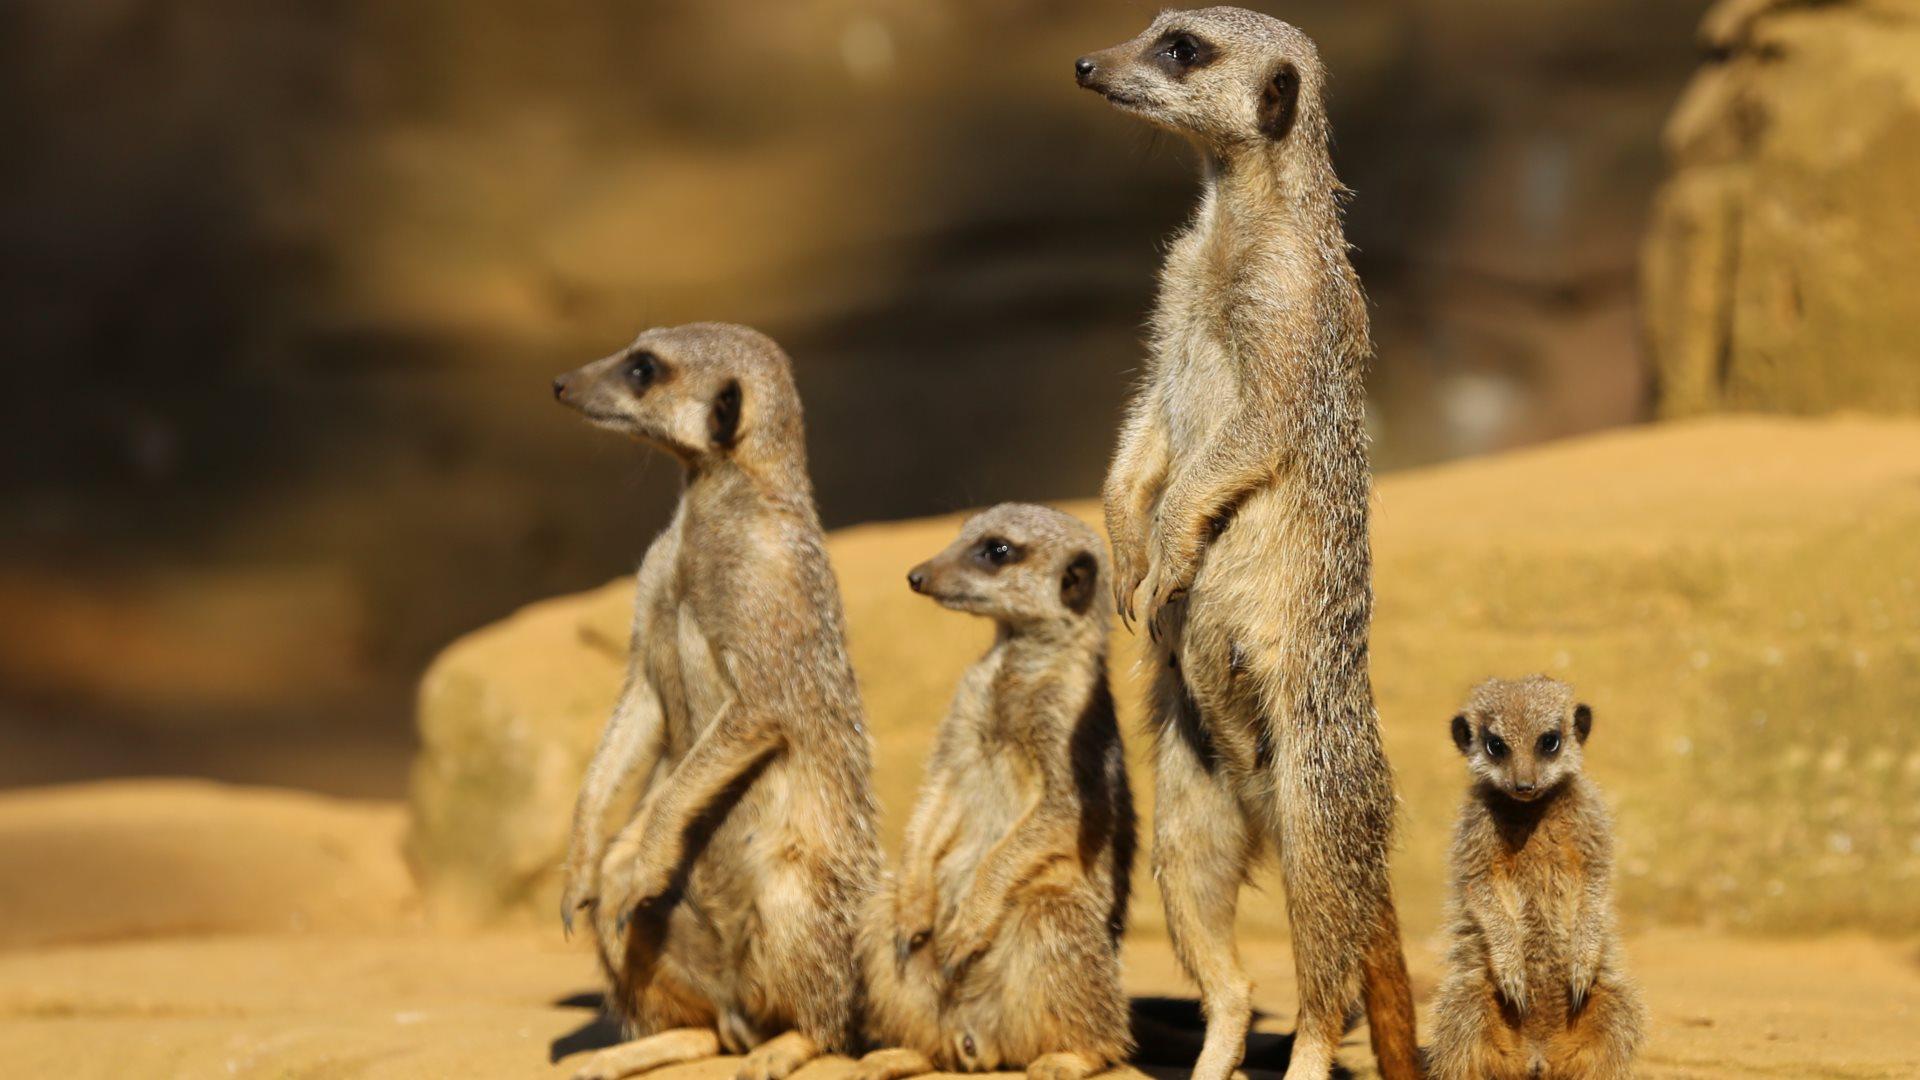 meerkat images